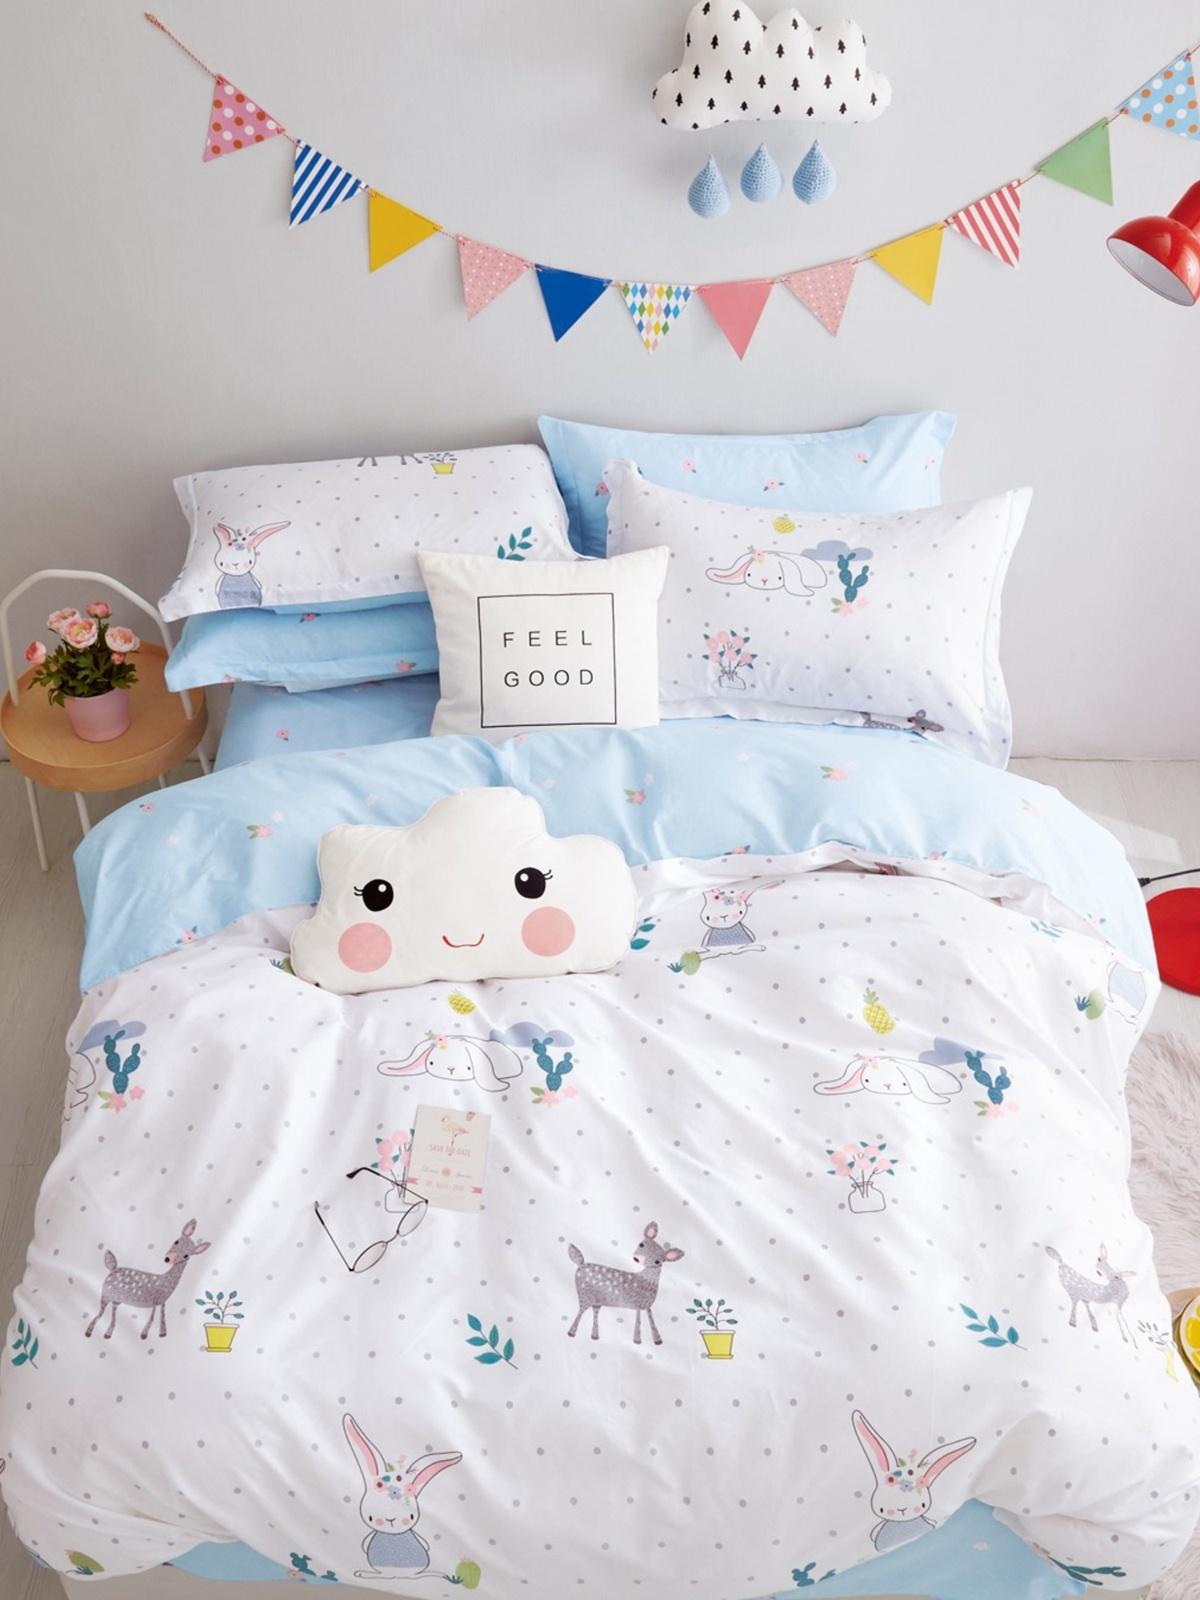 Комплект постельного белья Dream Time BLK-46-SP-426-1C постельное белье dream time blk 46 sp 337 1 2c 3 предмета